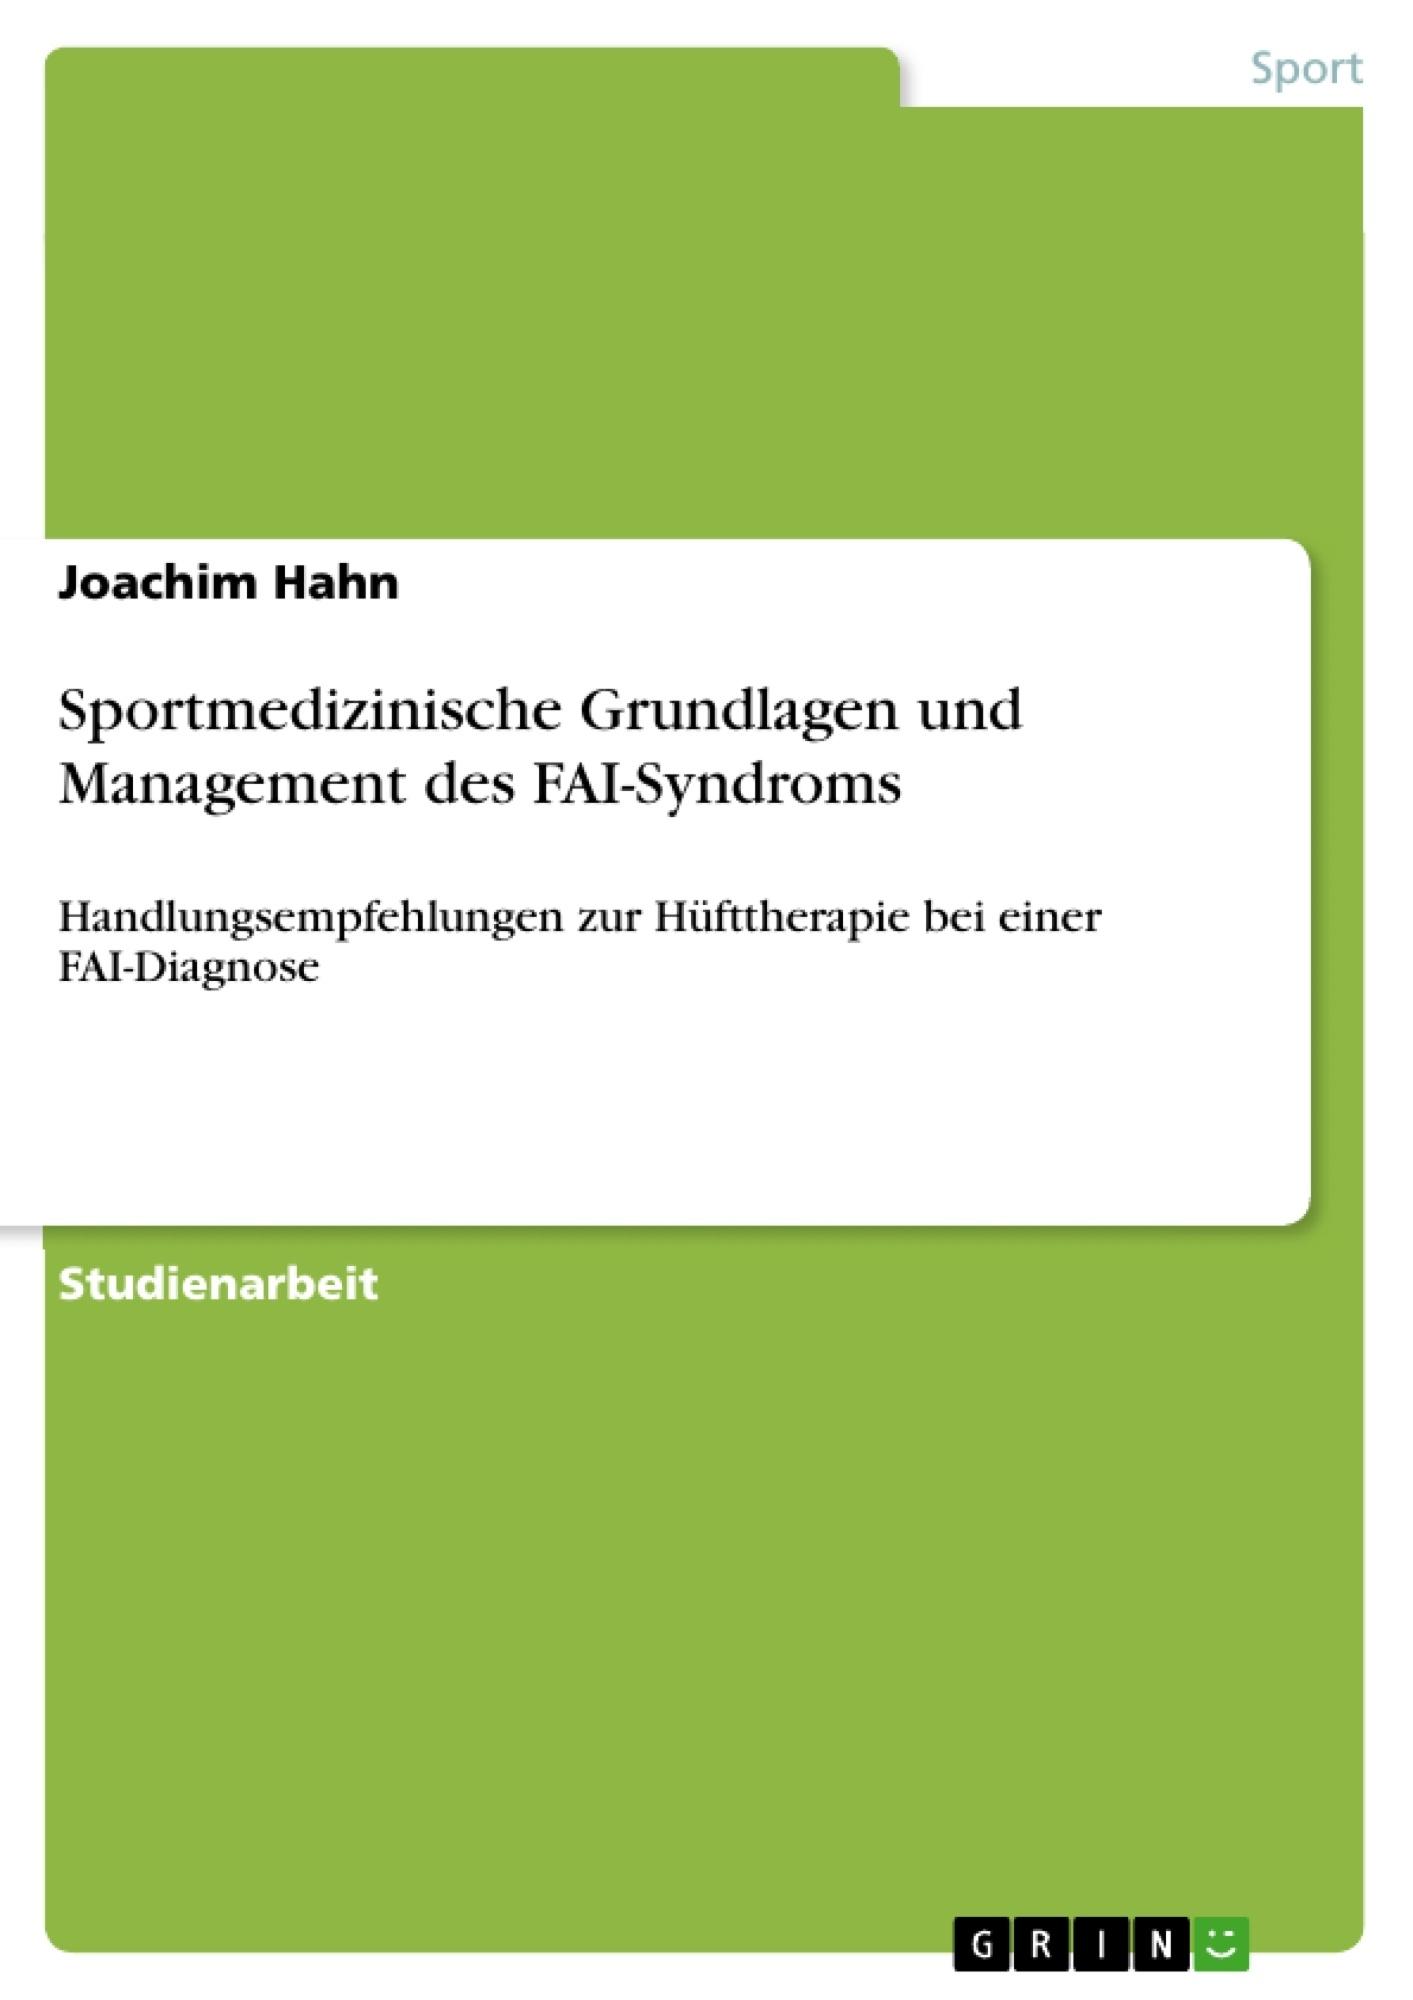 Titel: Sportmedizinische Grundlagen und Management des FAI-Syndroms